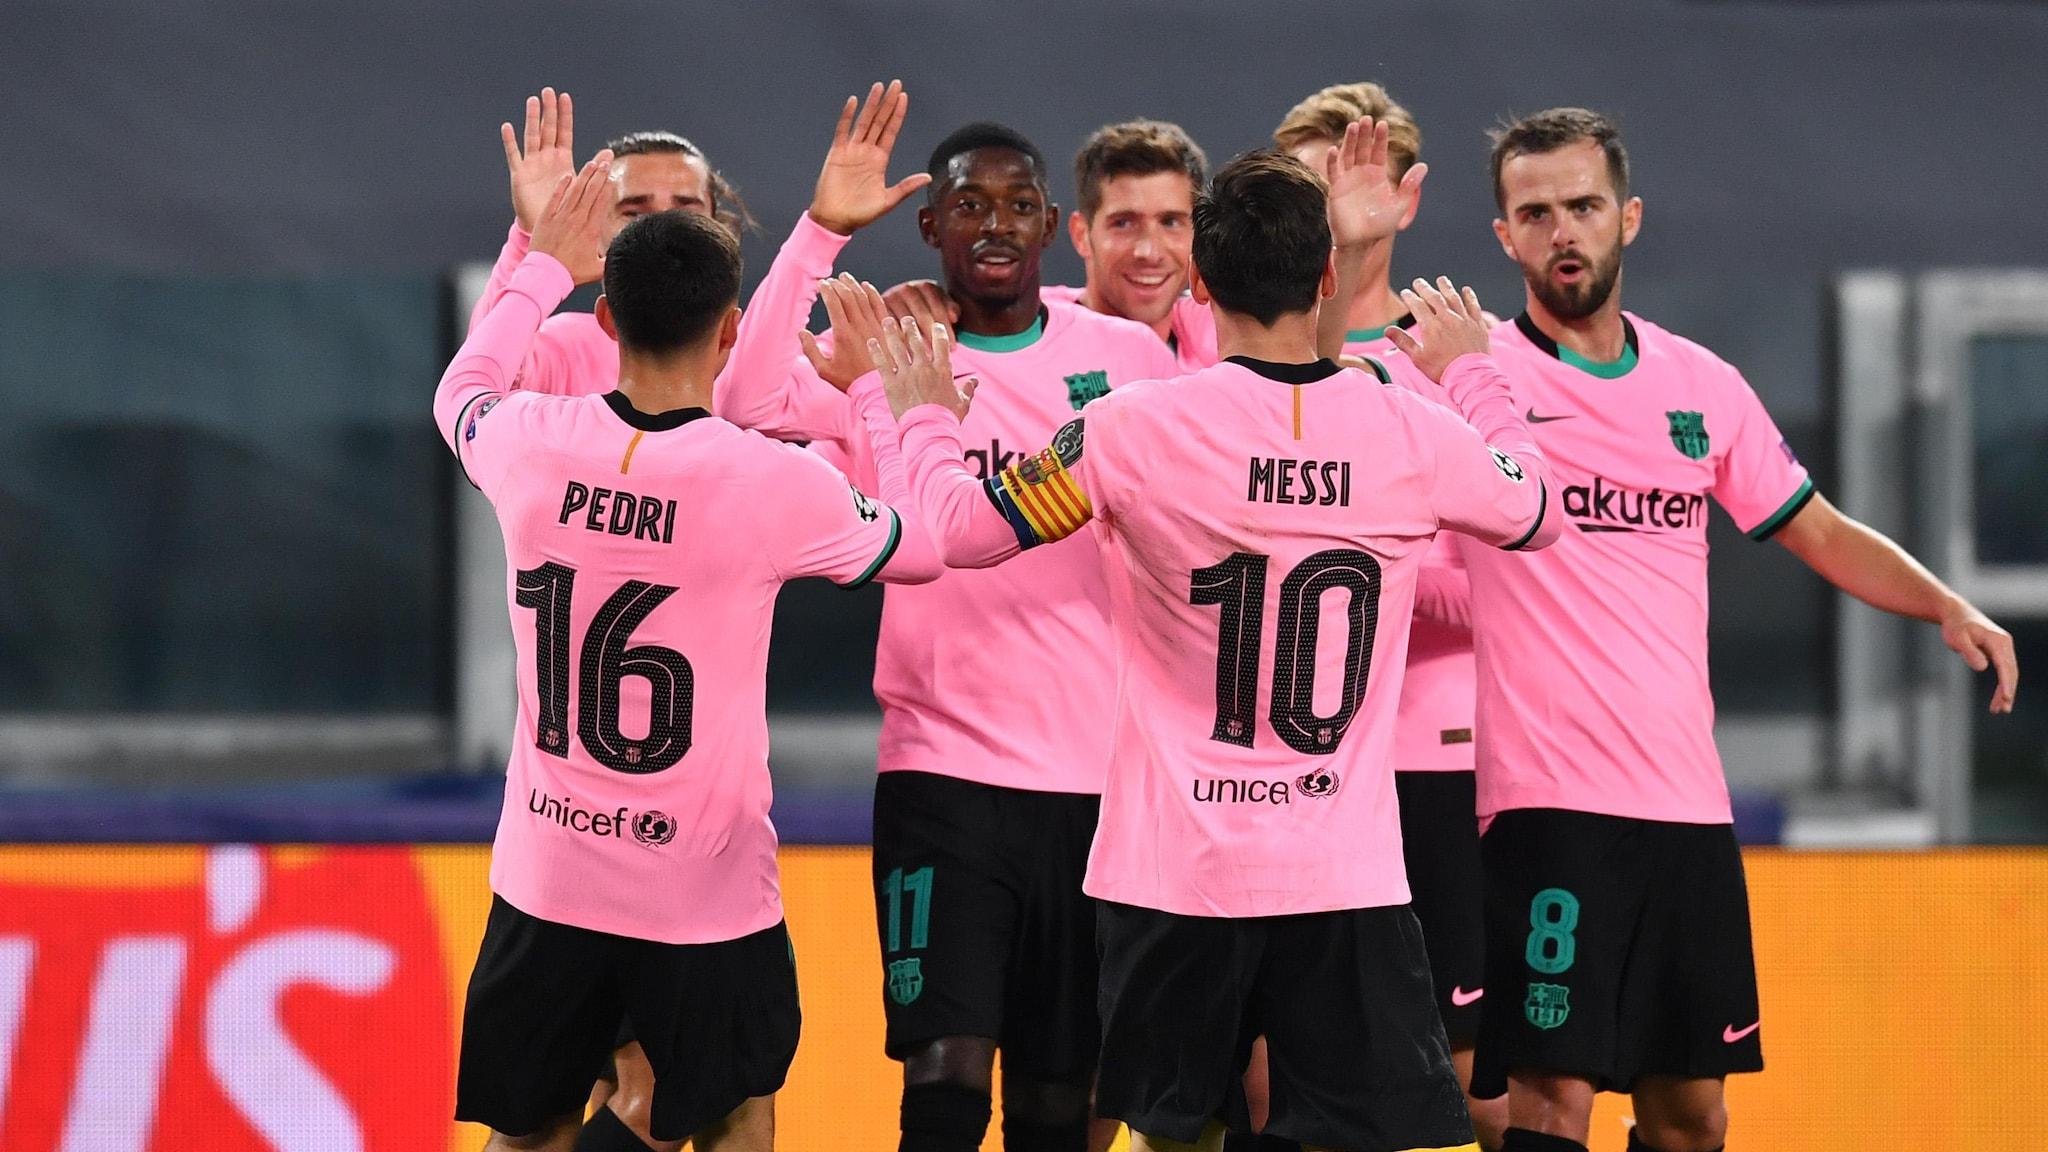 Nova vitória para Barcelona e Man.United